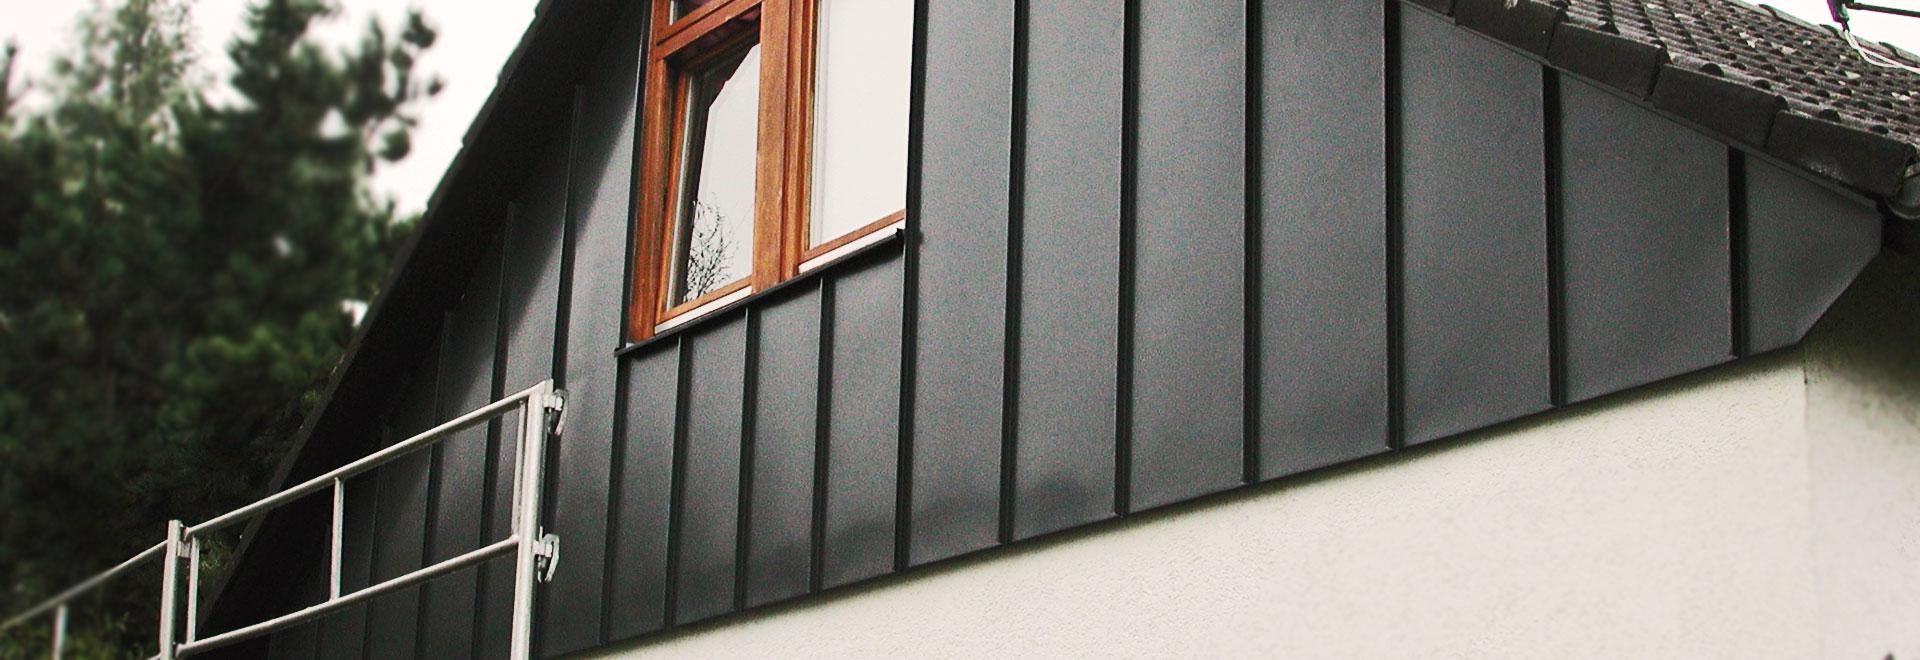 Walter Vögele GmbH in Freiburg: Blechverkleidung